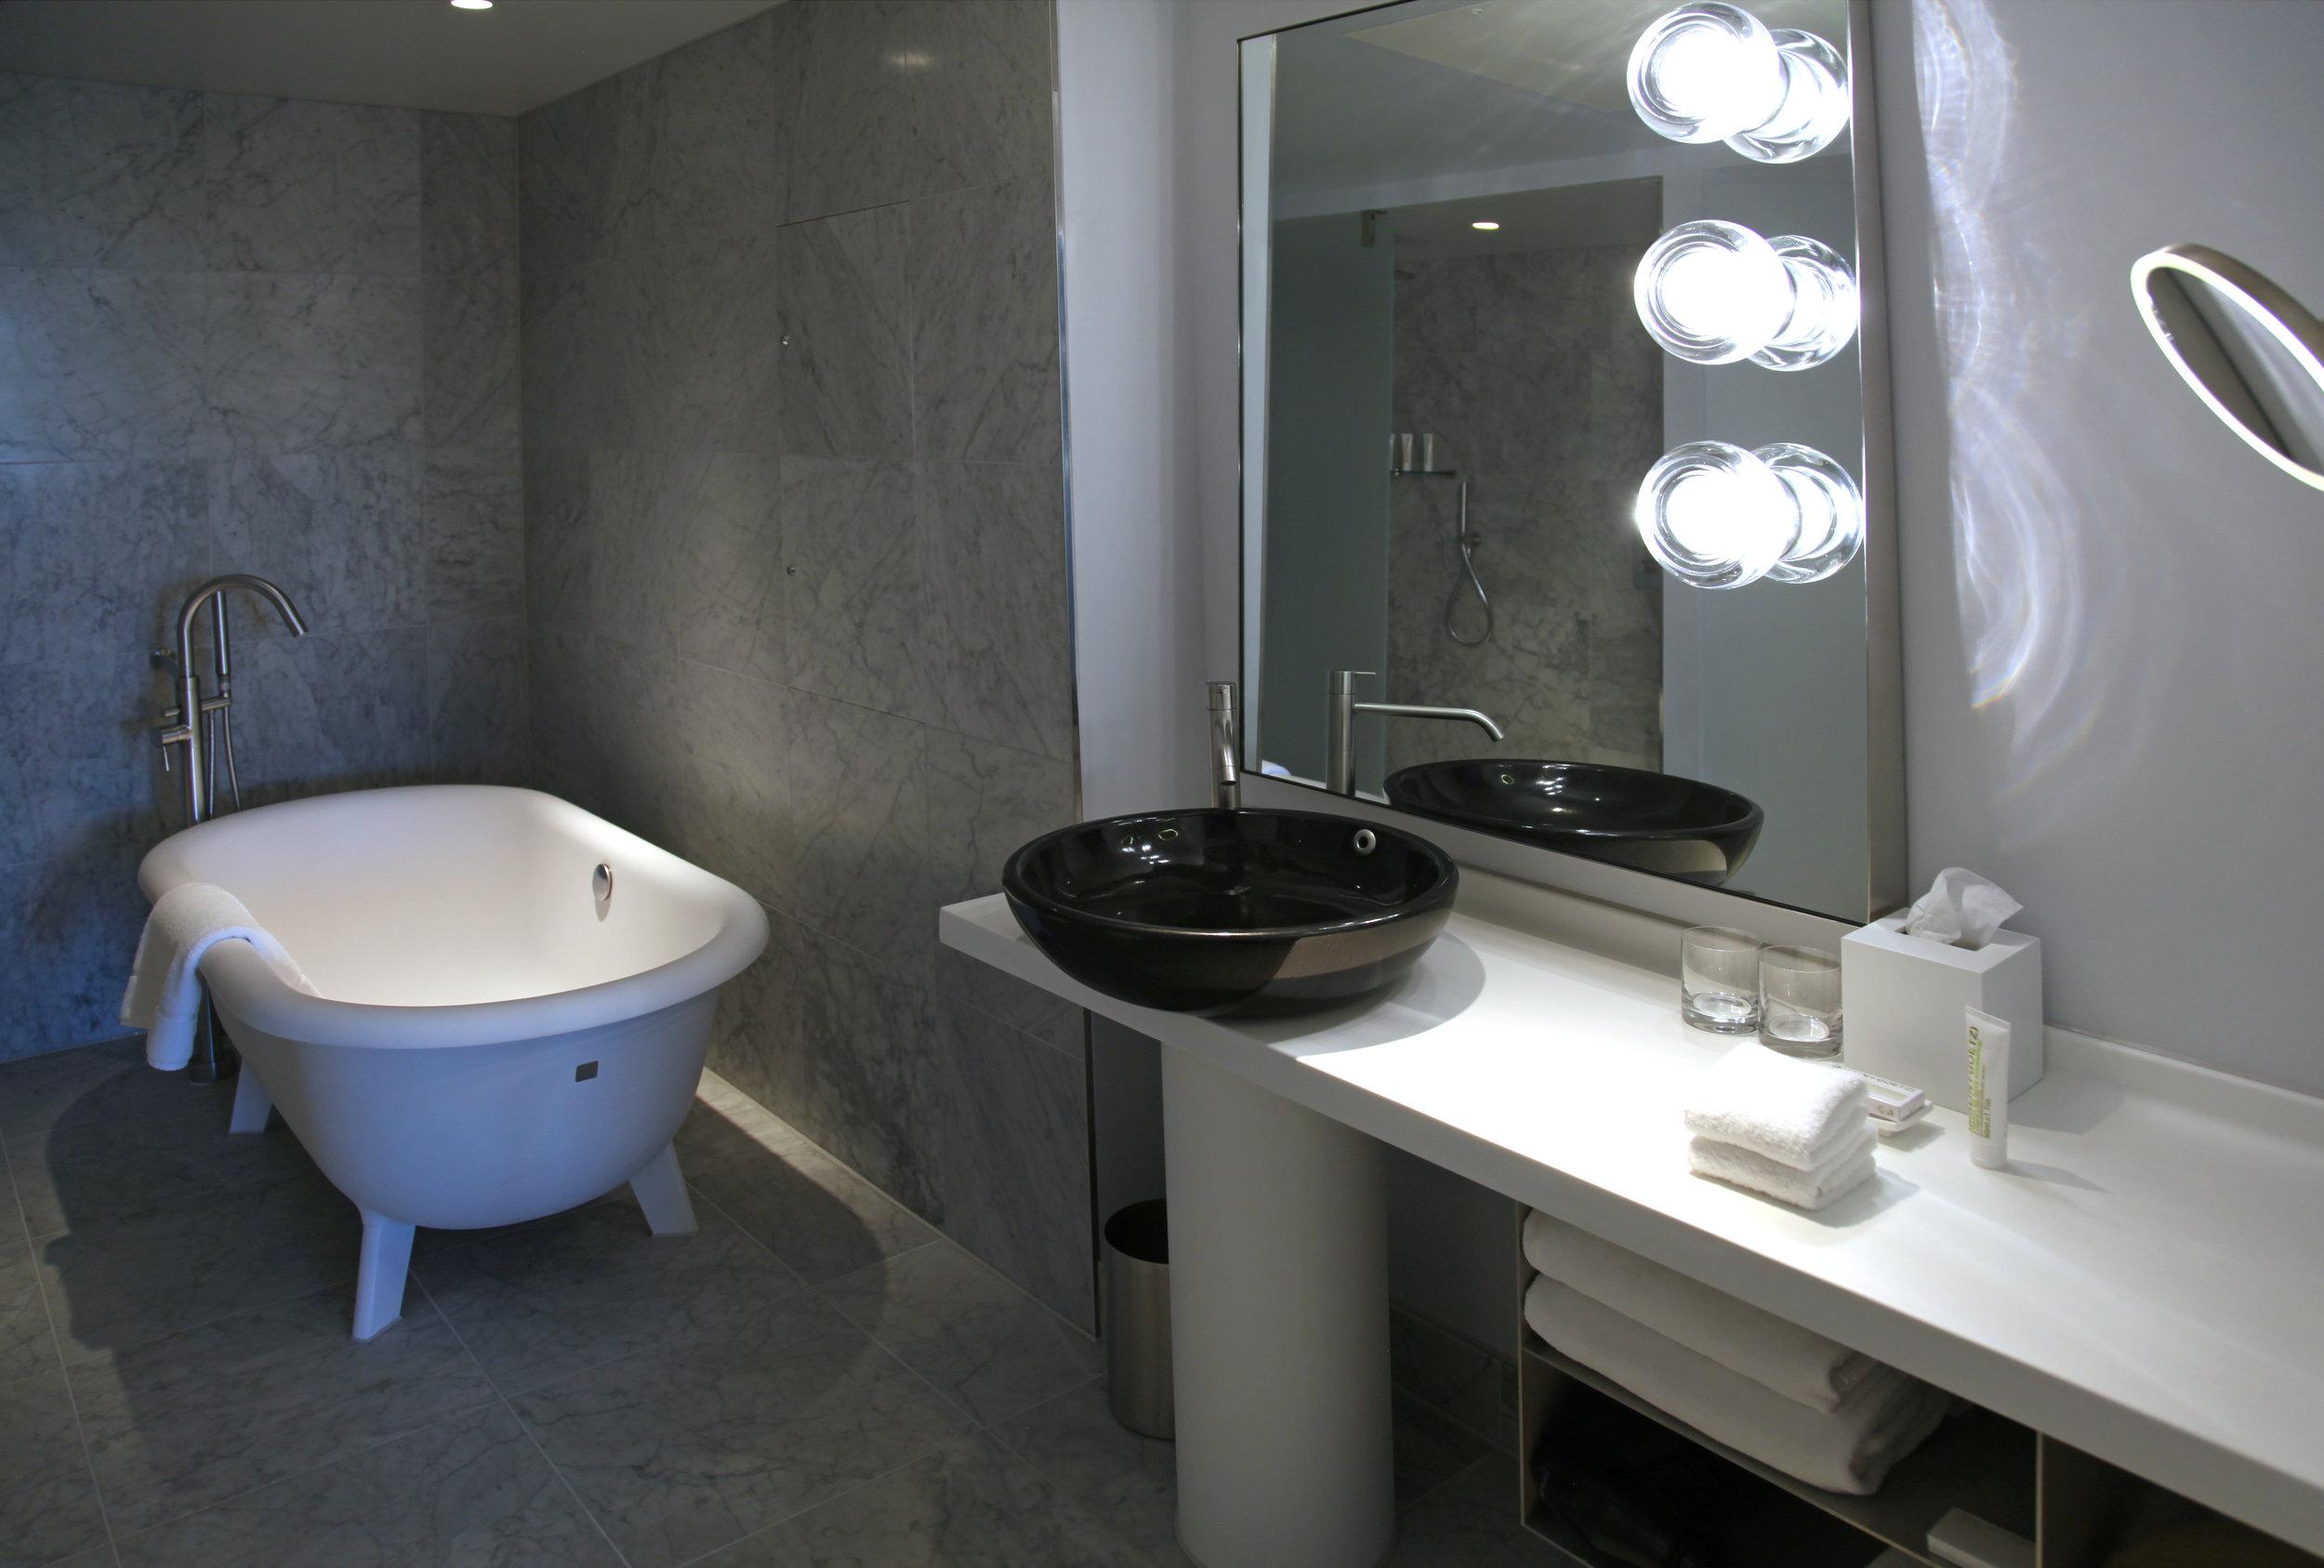 Suite bathroom 2014-11-12 090.jpg